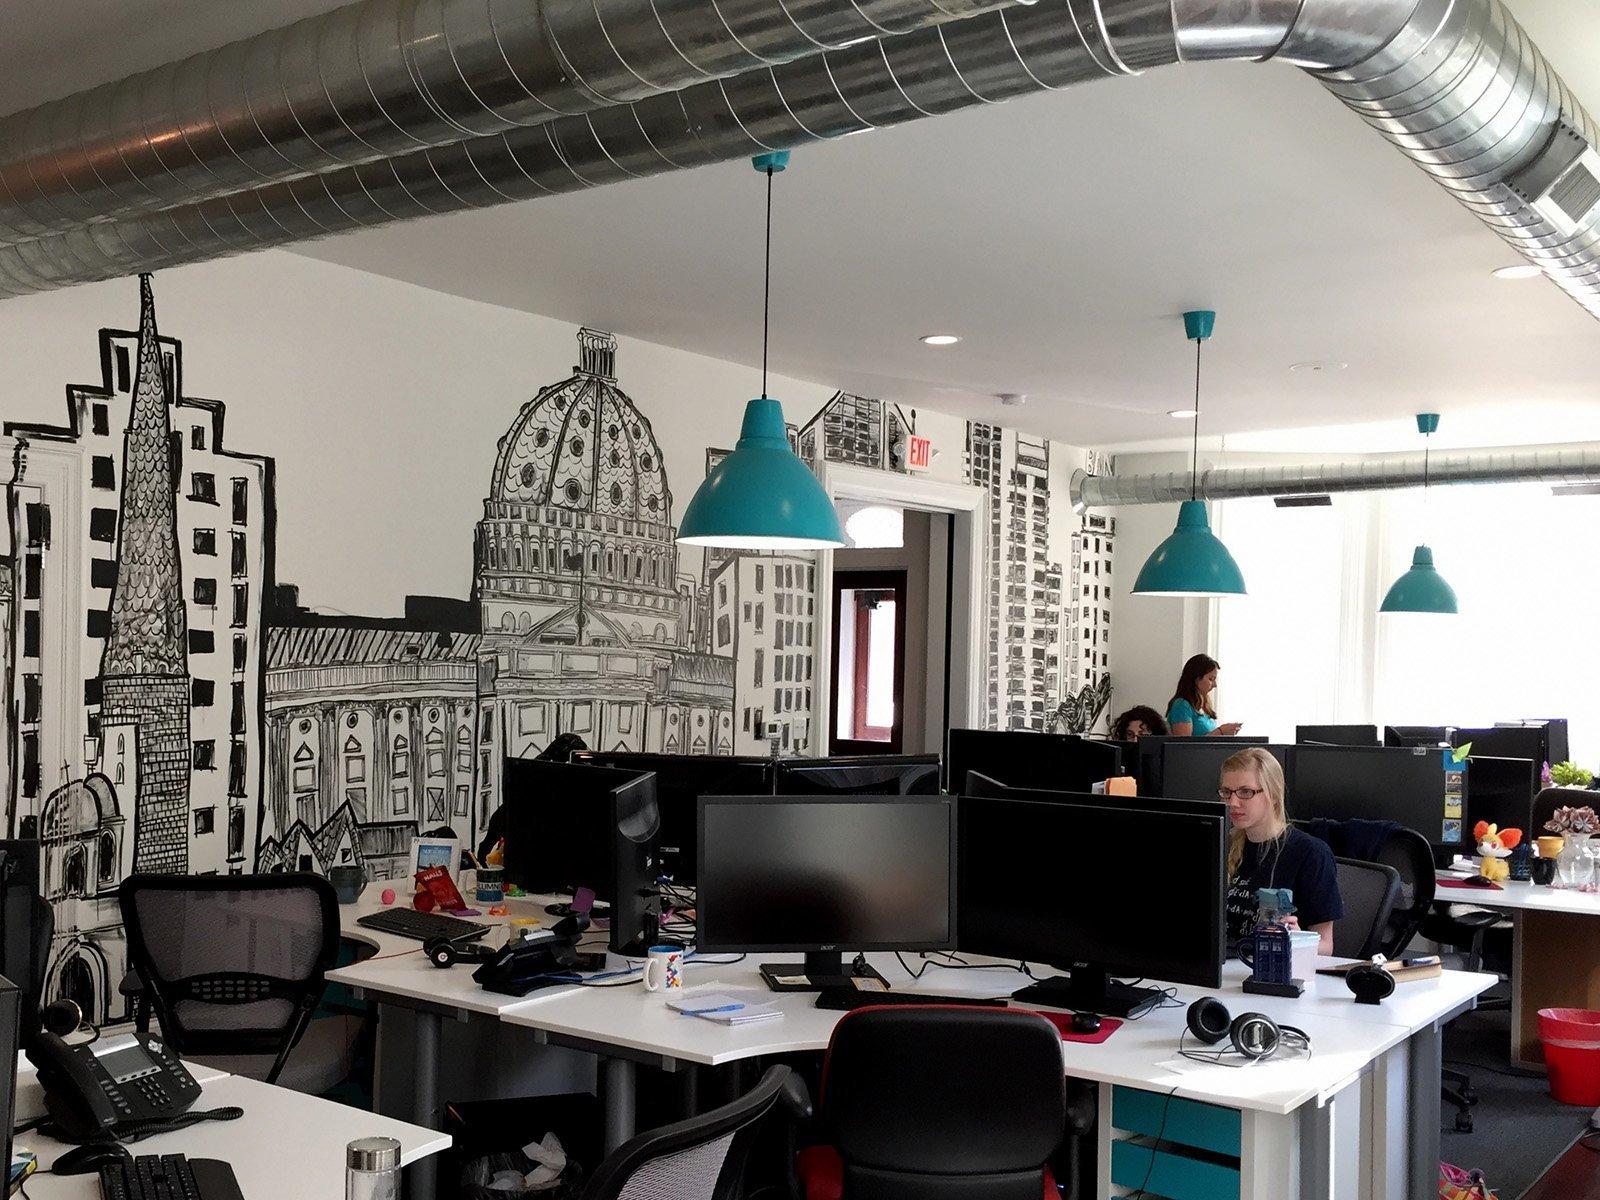 webpagefx-pa-office-6_299537